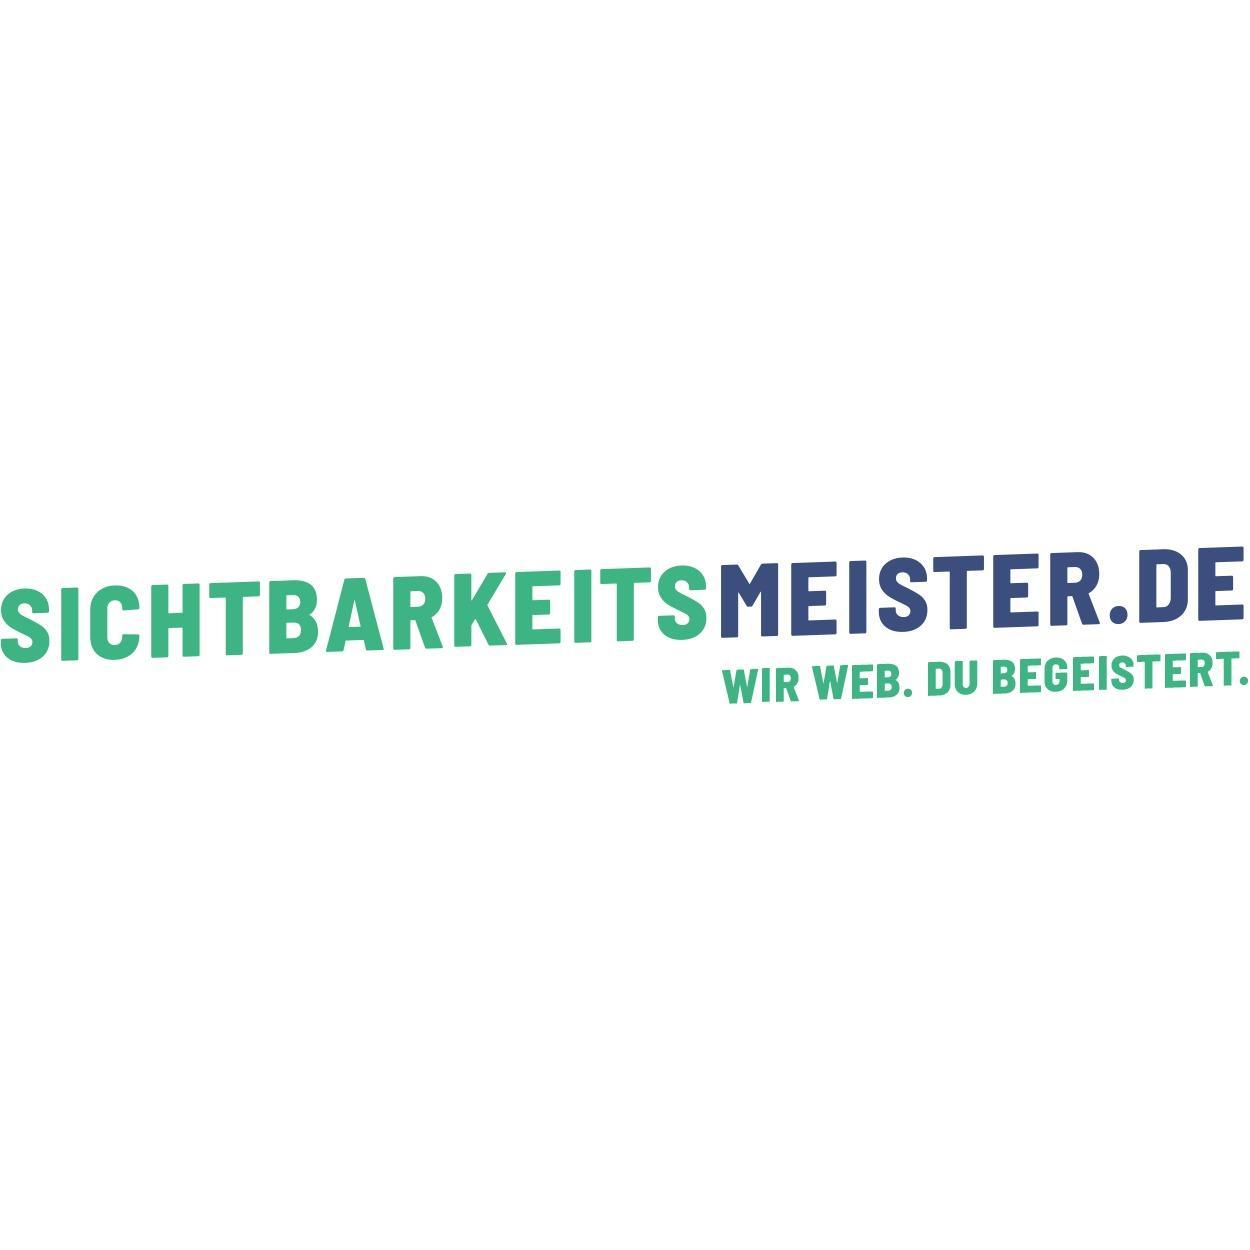 Bild zu Sichtbarkeitsmeister GmbH in Ratingen